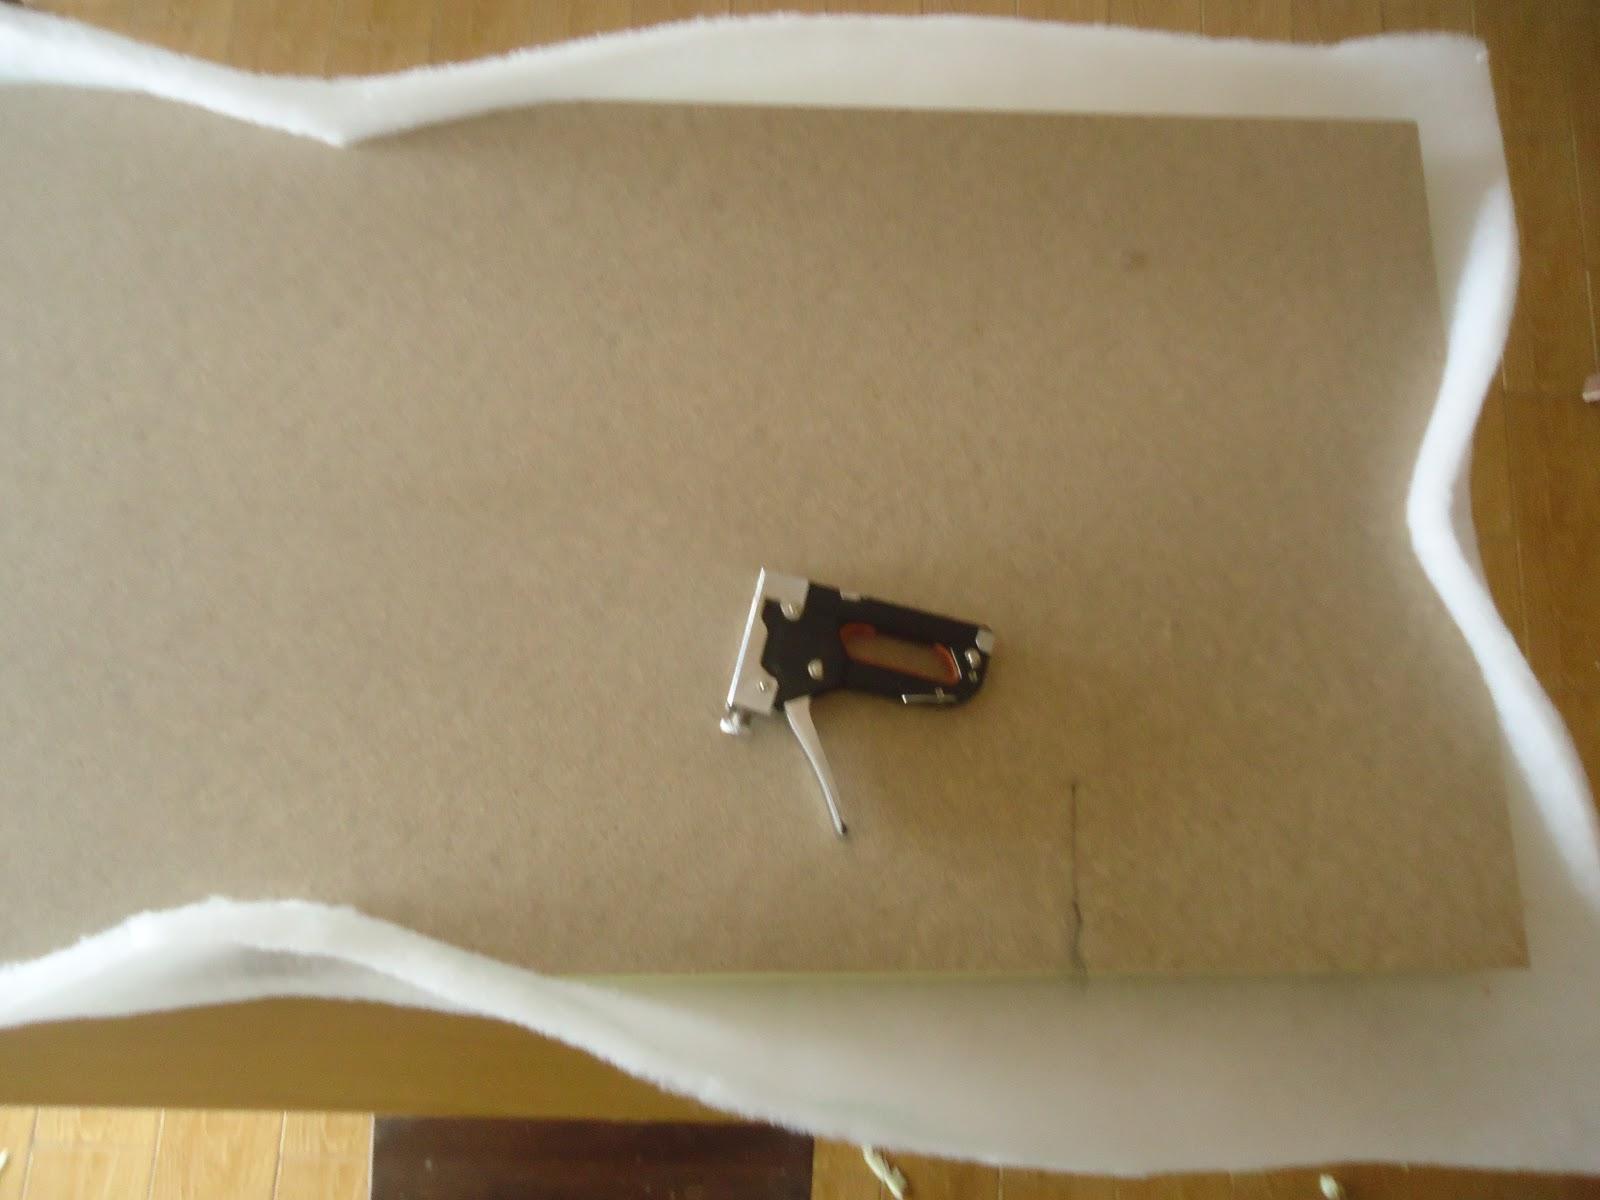 La luci rnaga tutorial tapizar cabecero - Telas para forrar cabecero cama ...